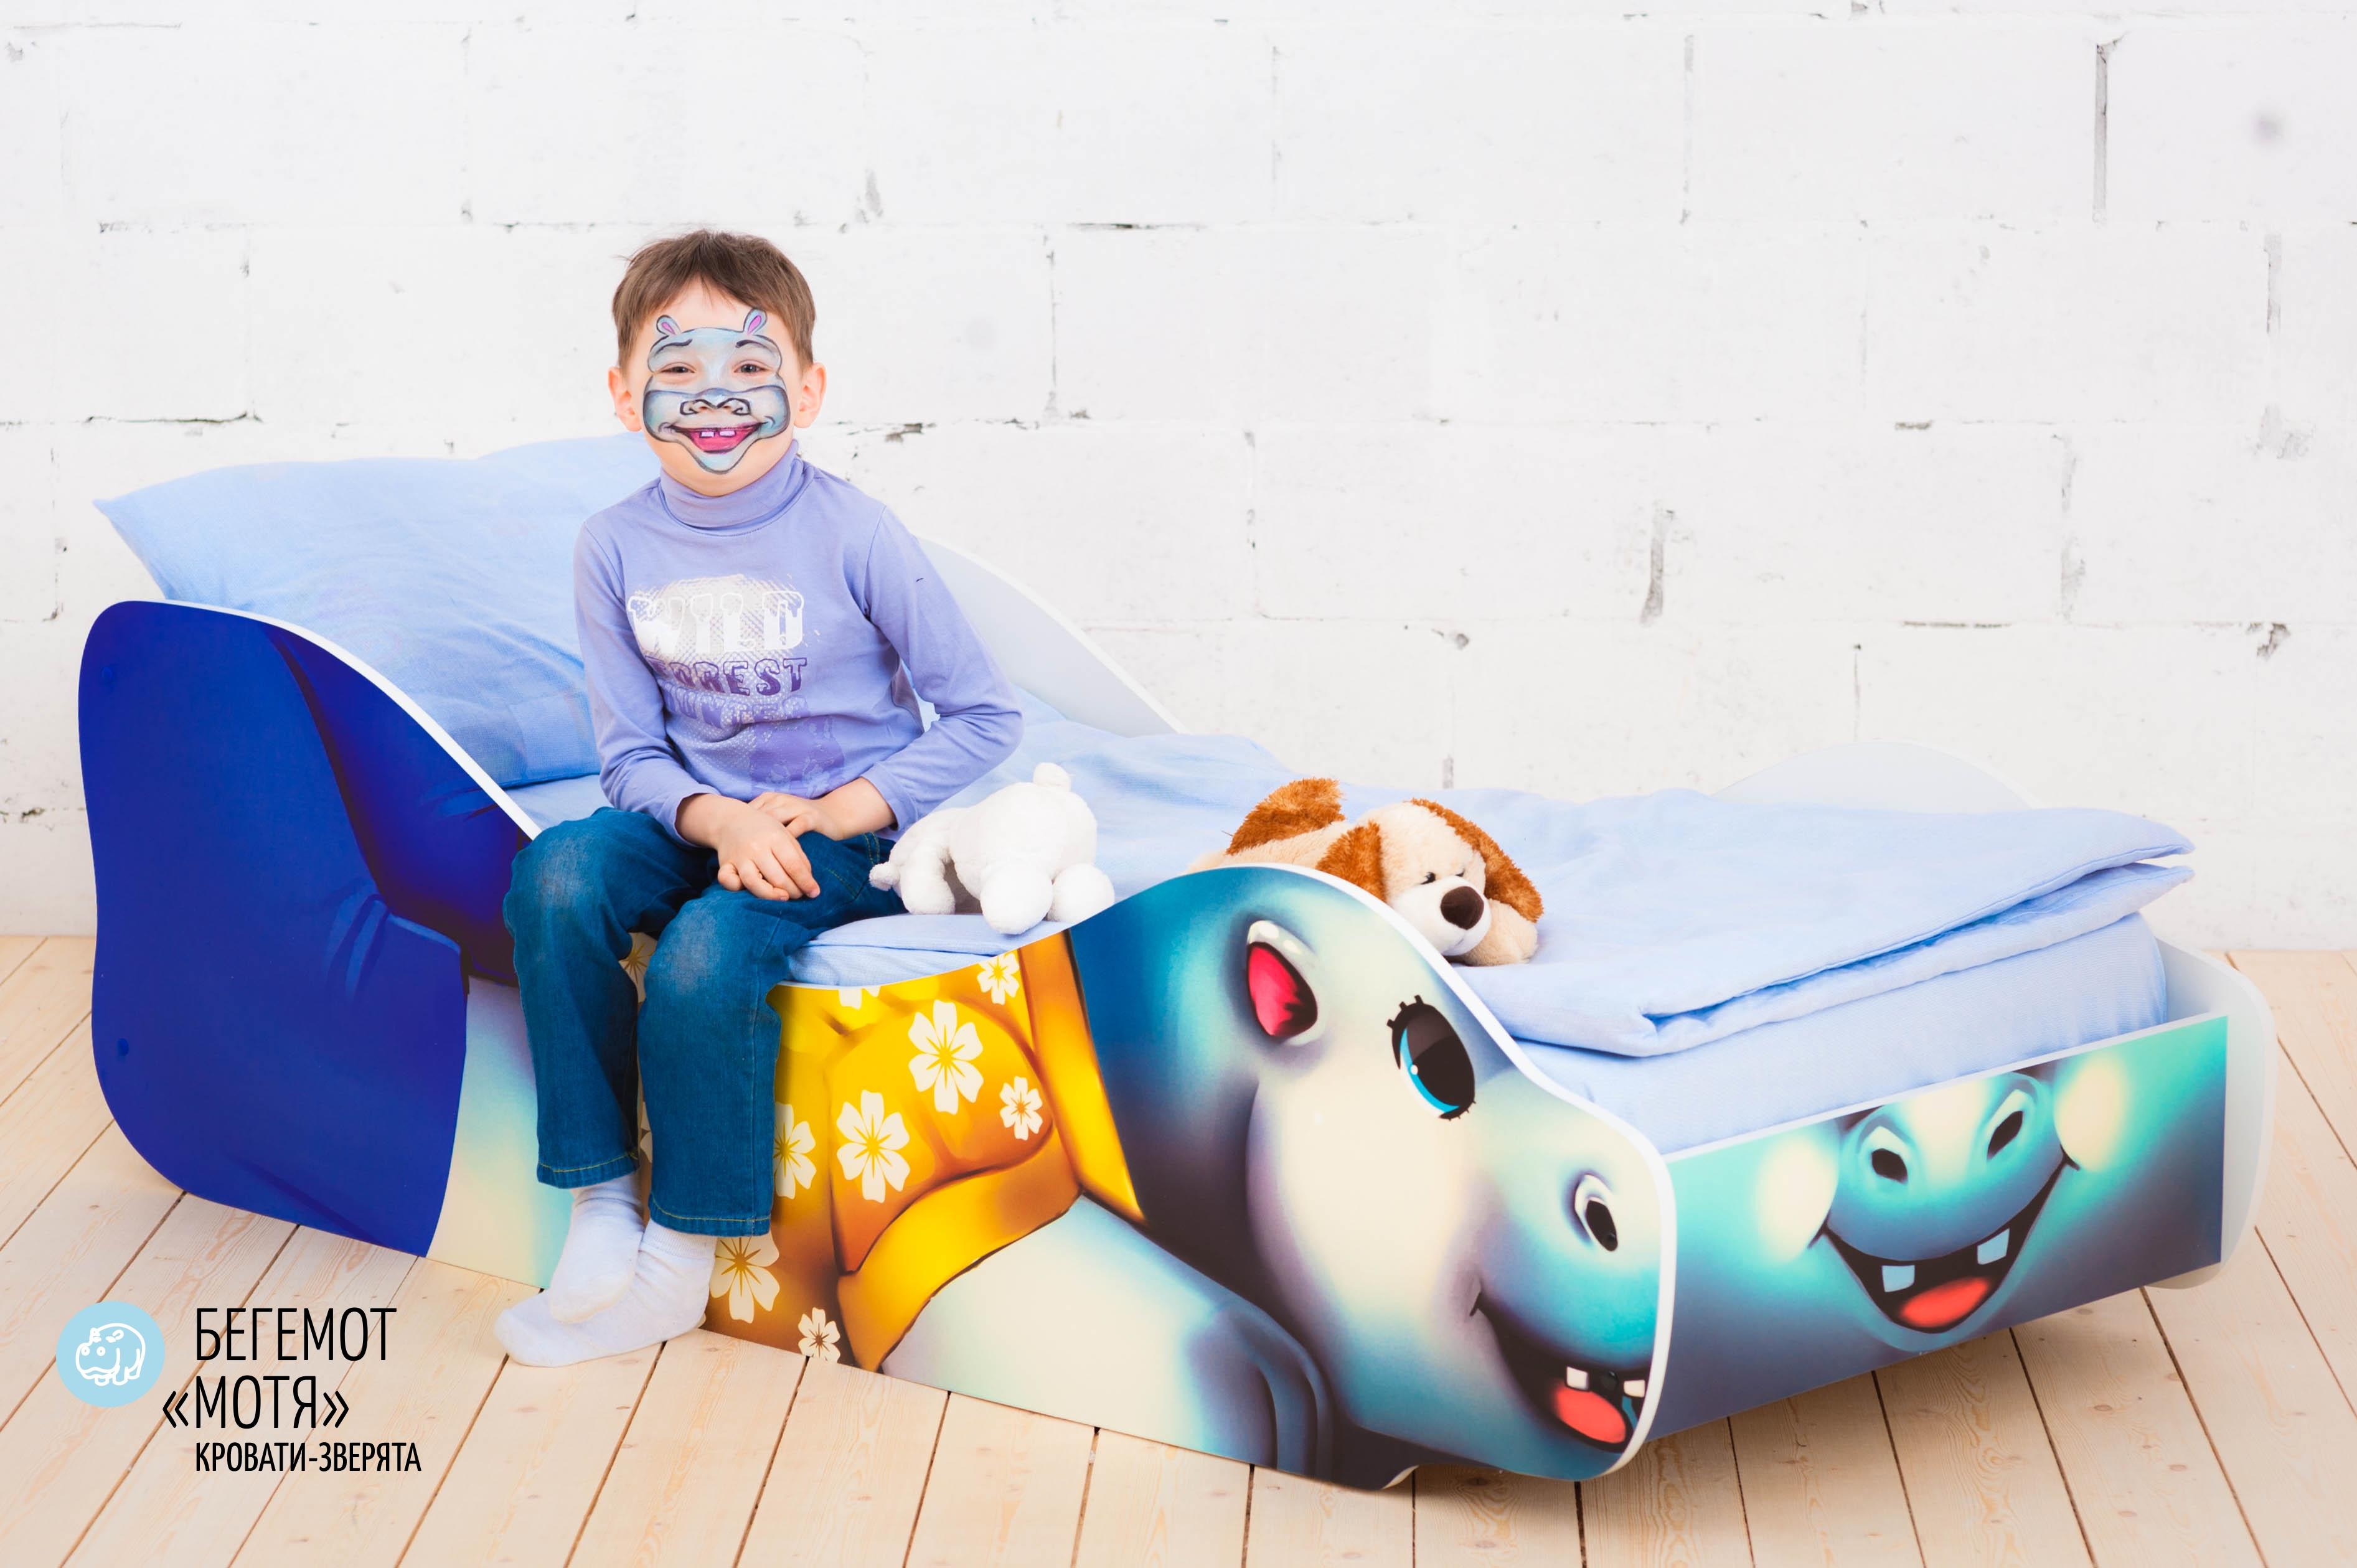 Детская кровать-зверенок -Бегемот-Мотя-19